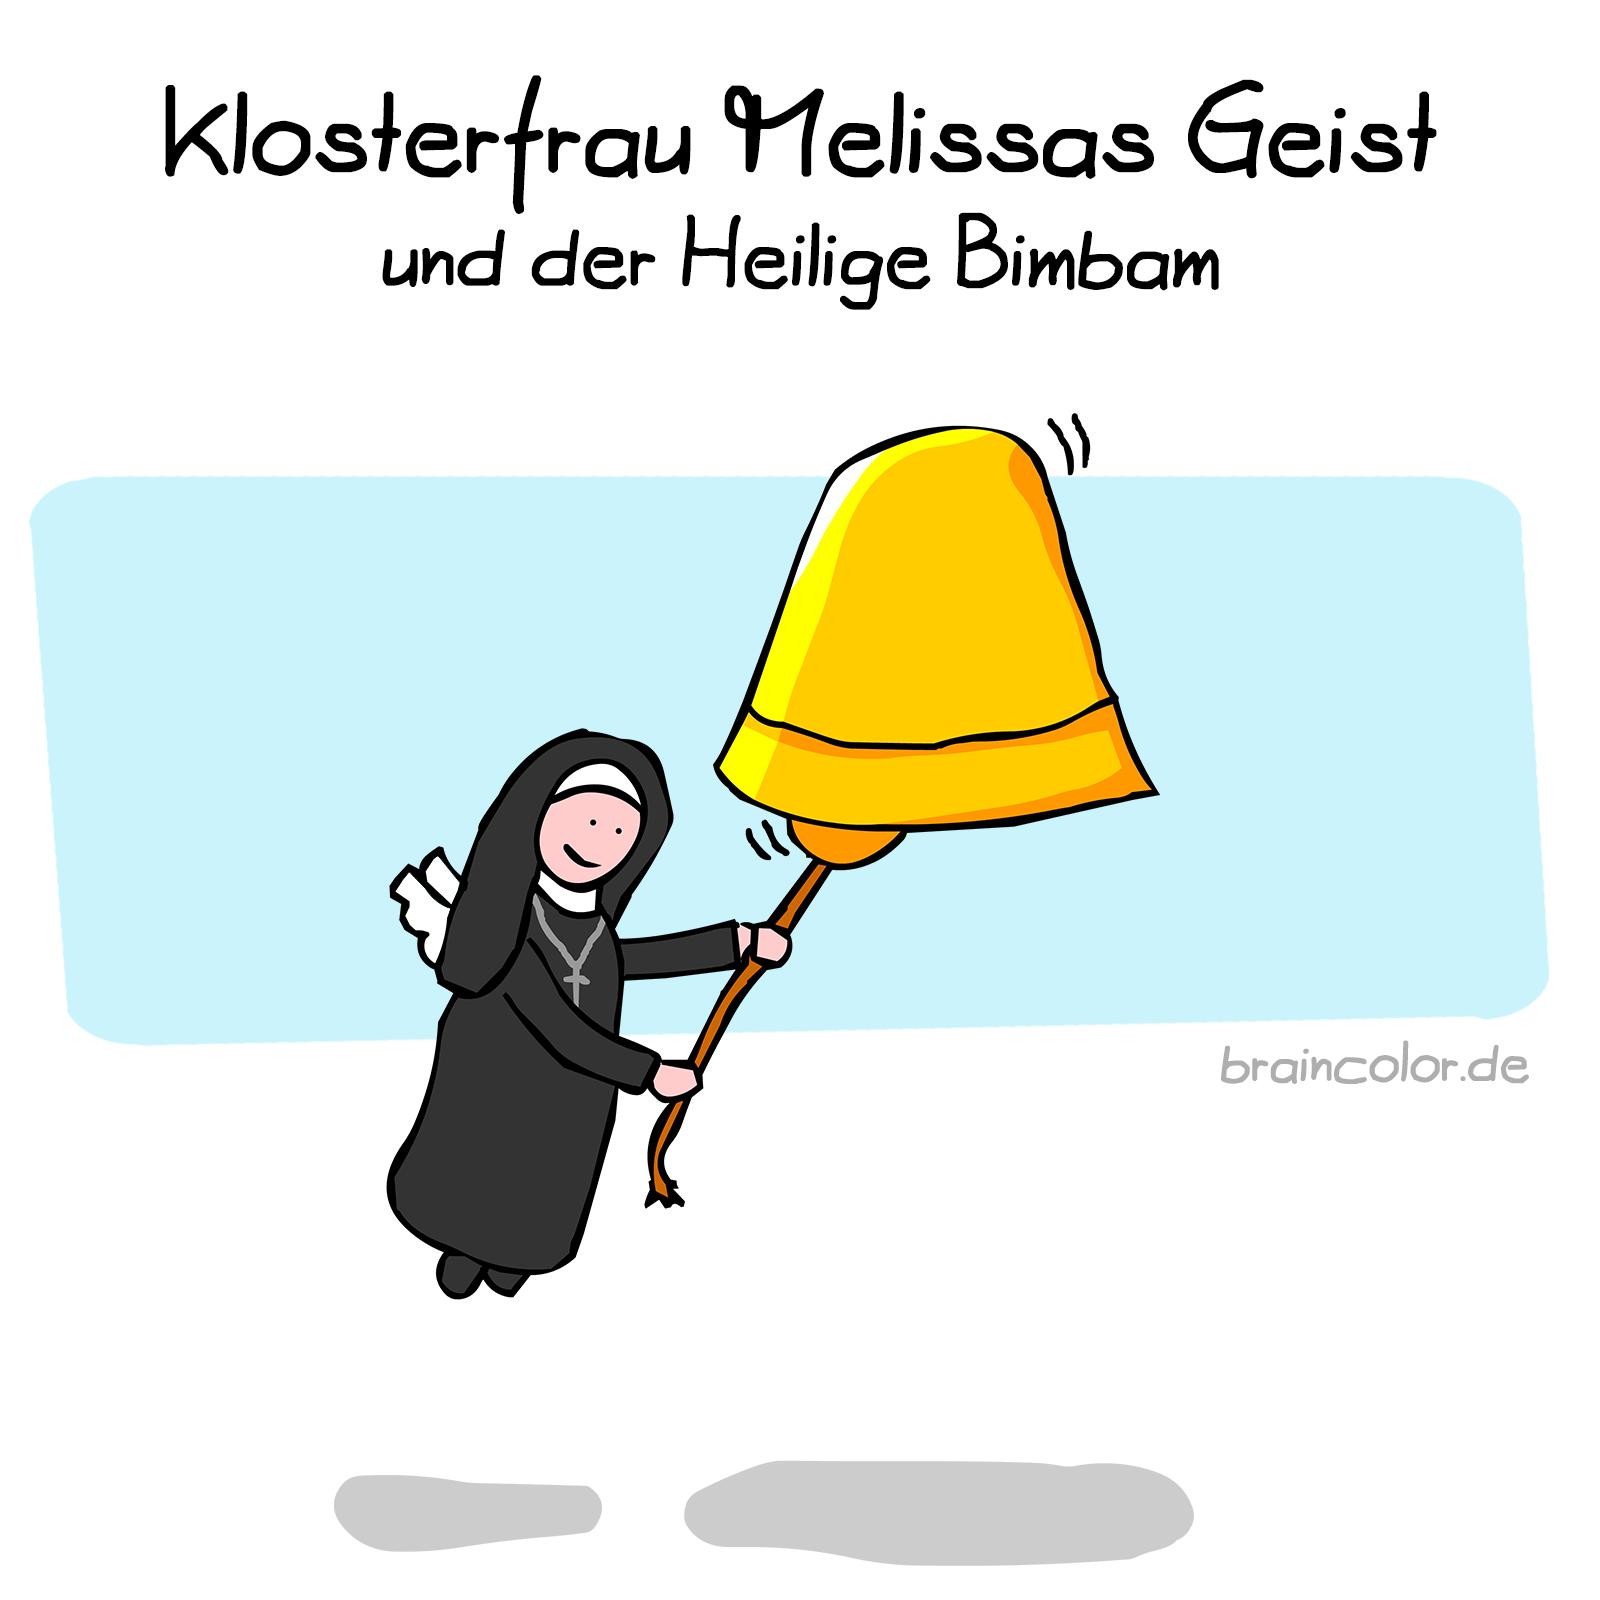 klosterfrau melissengeist